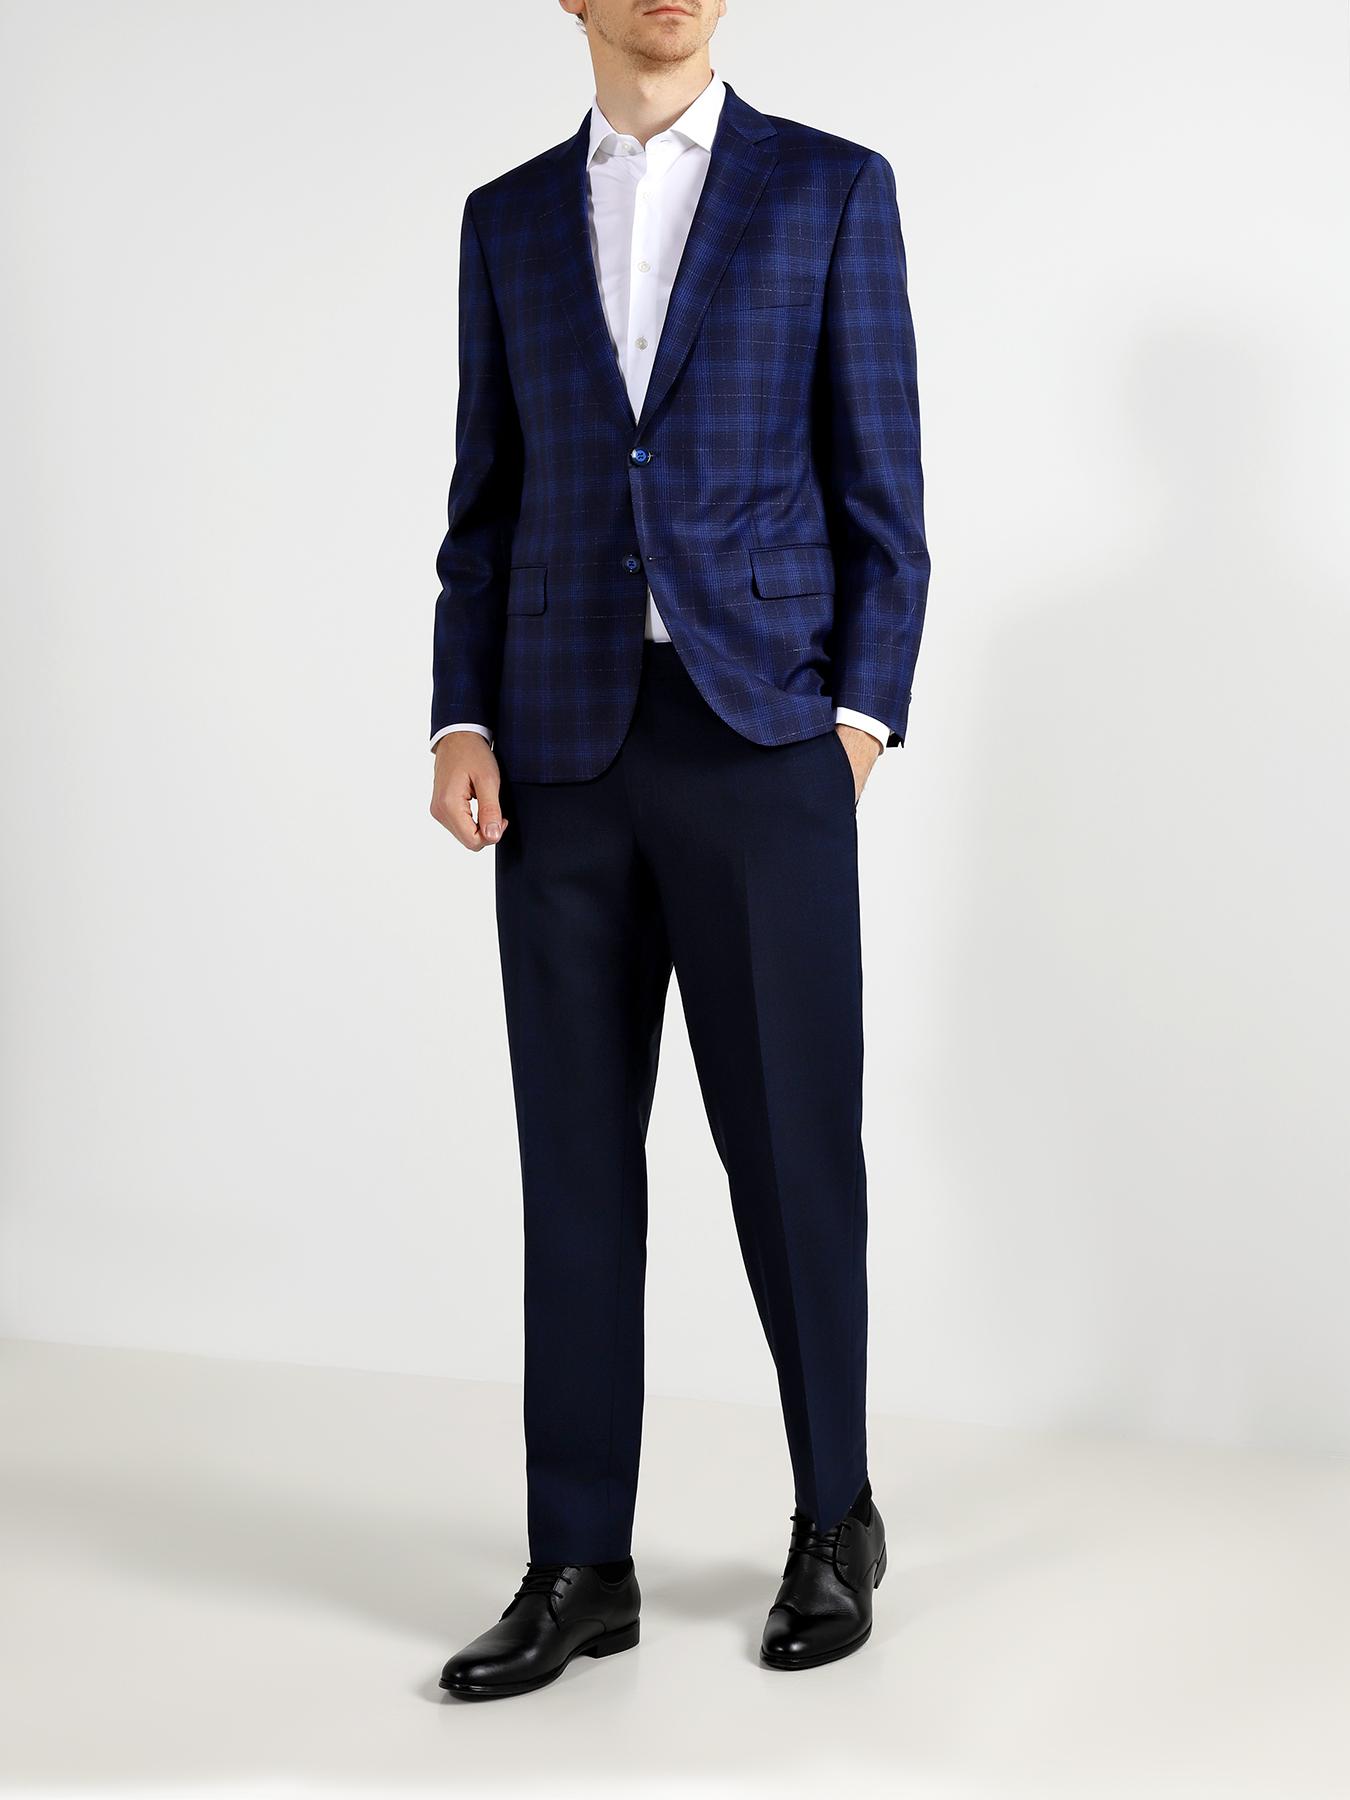 Рубашка Korpo Хлопковая рубашка с длинным рукавом рубашка с длинным рукавом для деловых людей весенняя осень твердый цвет silm fit